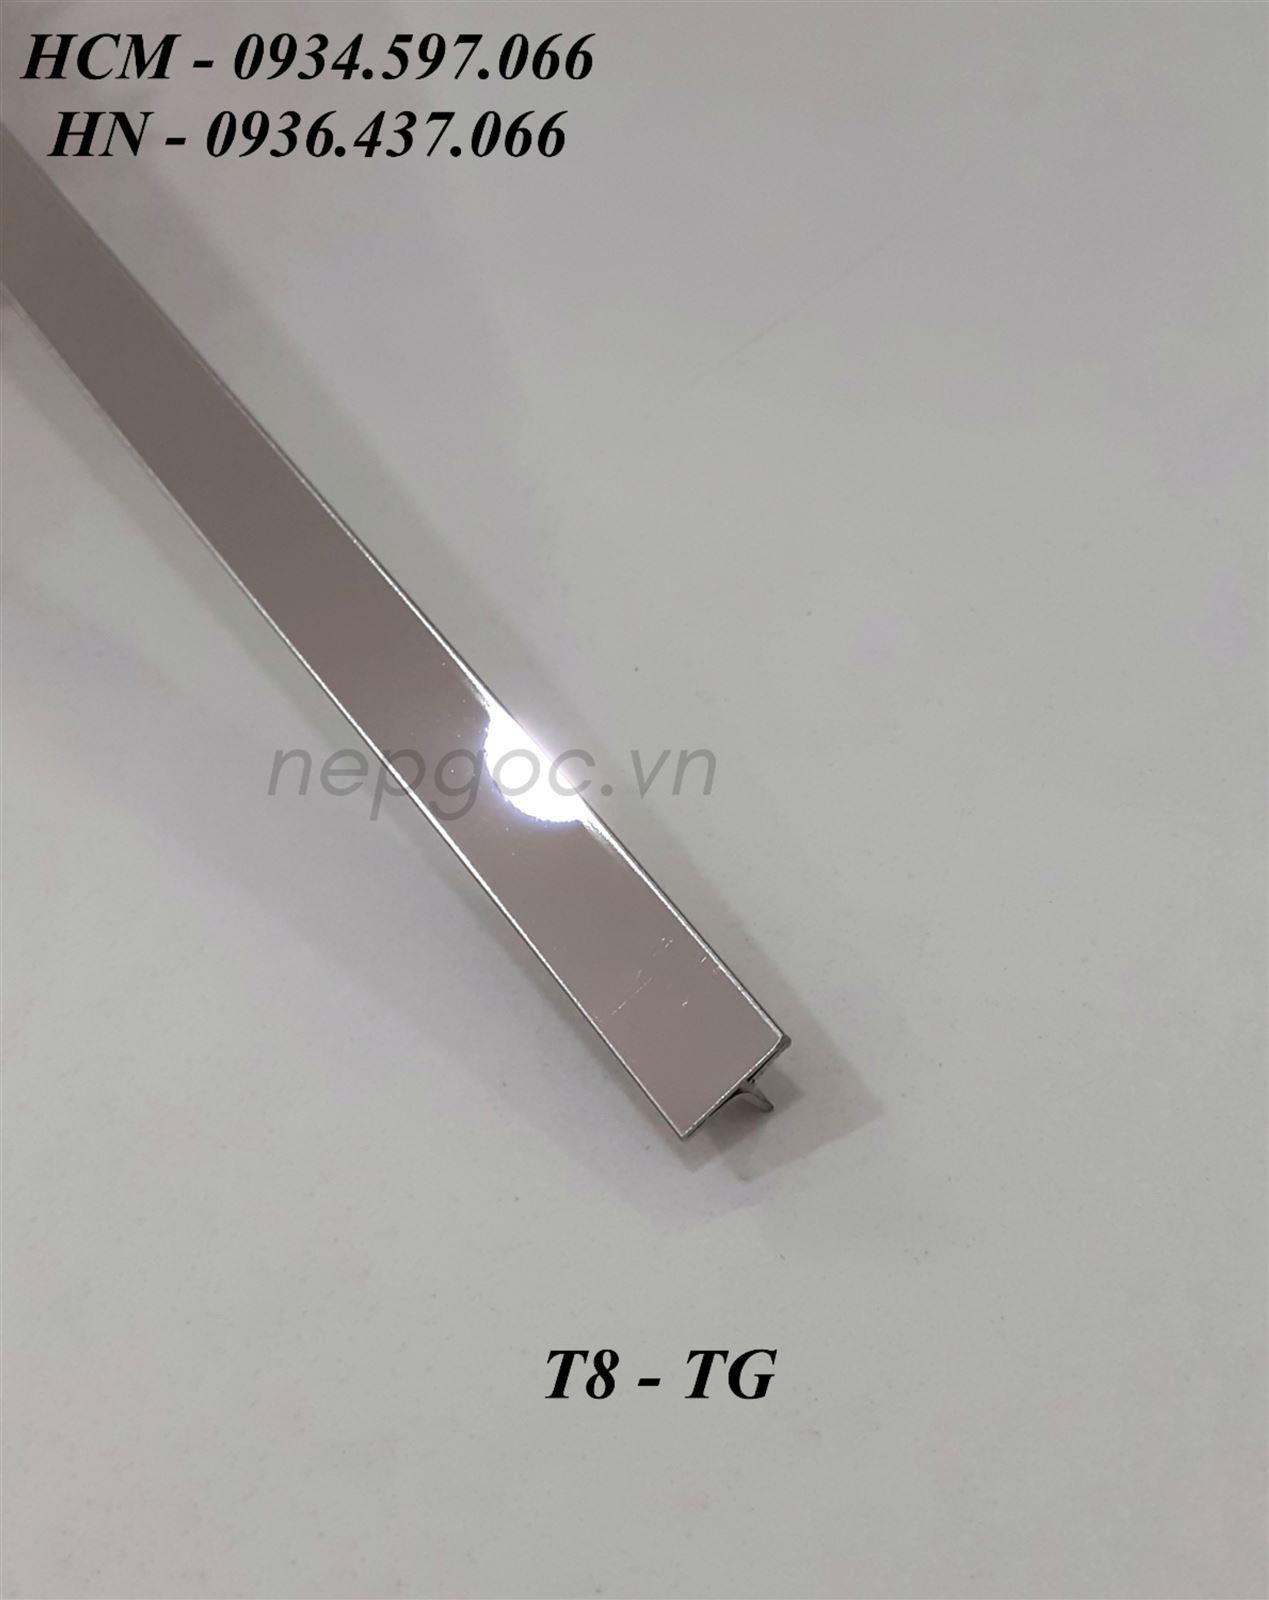 Nẹp Inox JECA T8mm trắng gương